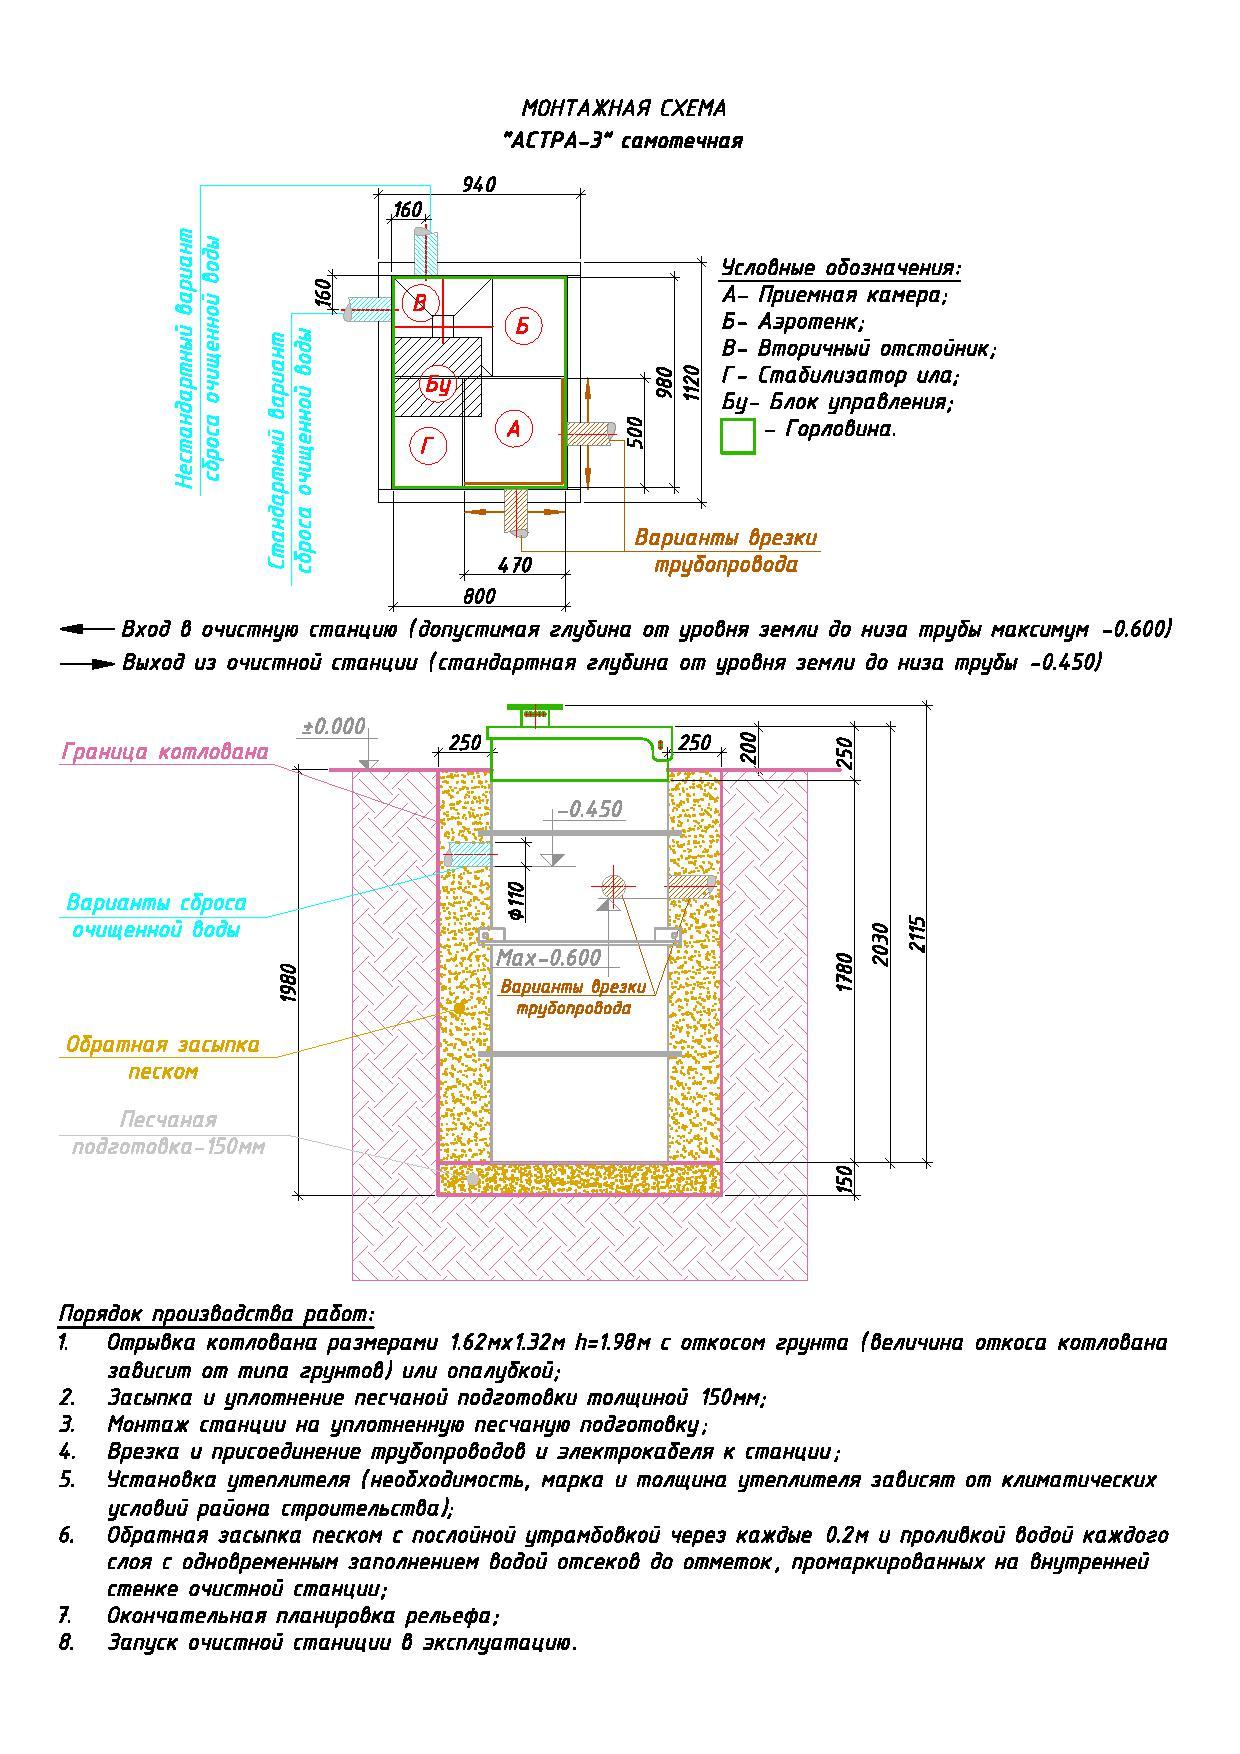 Монтажная схема Юнилос Астра 3